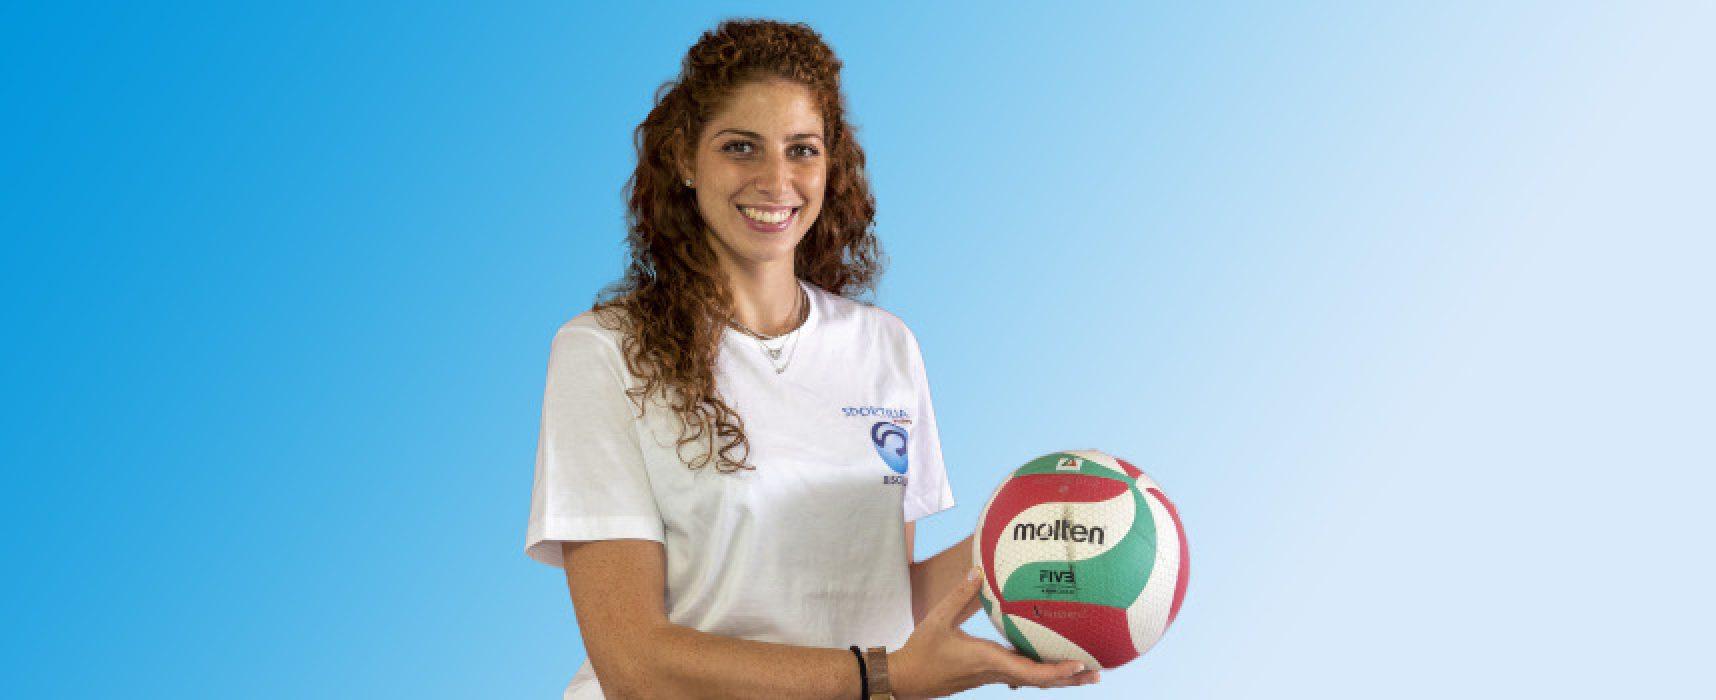 Sportilia Volley: Roselli ci sarà anche la prossima stagione, esordio in B2 a Trani